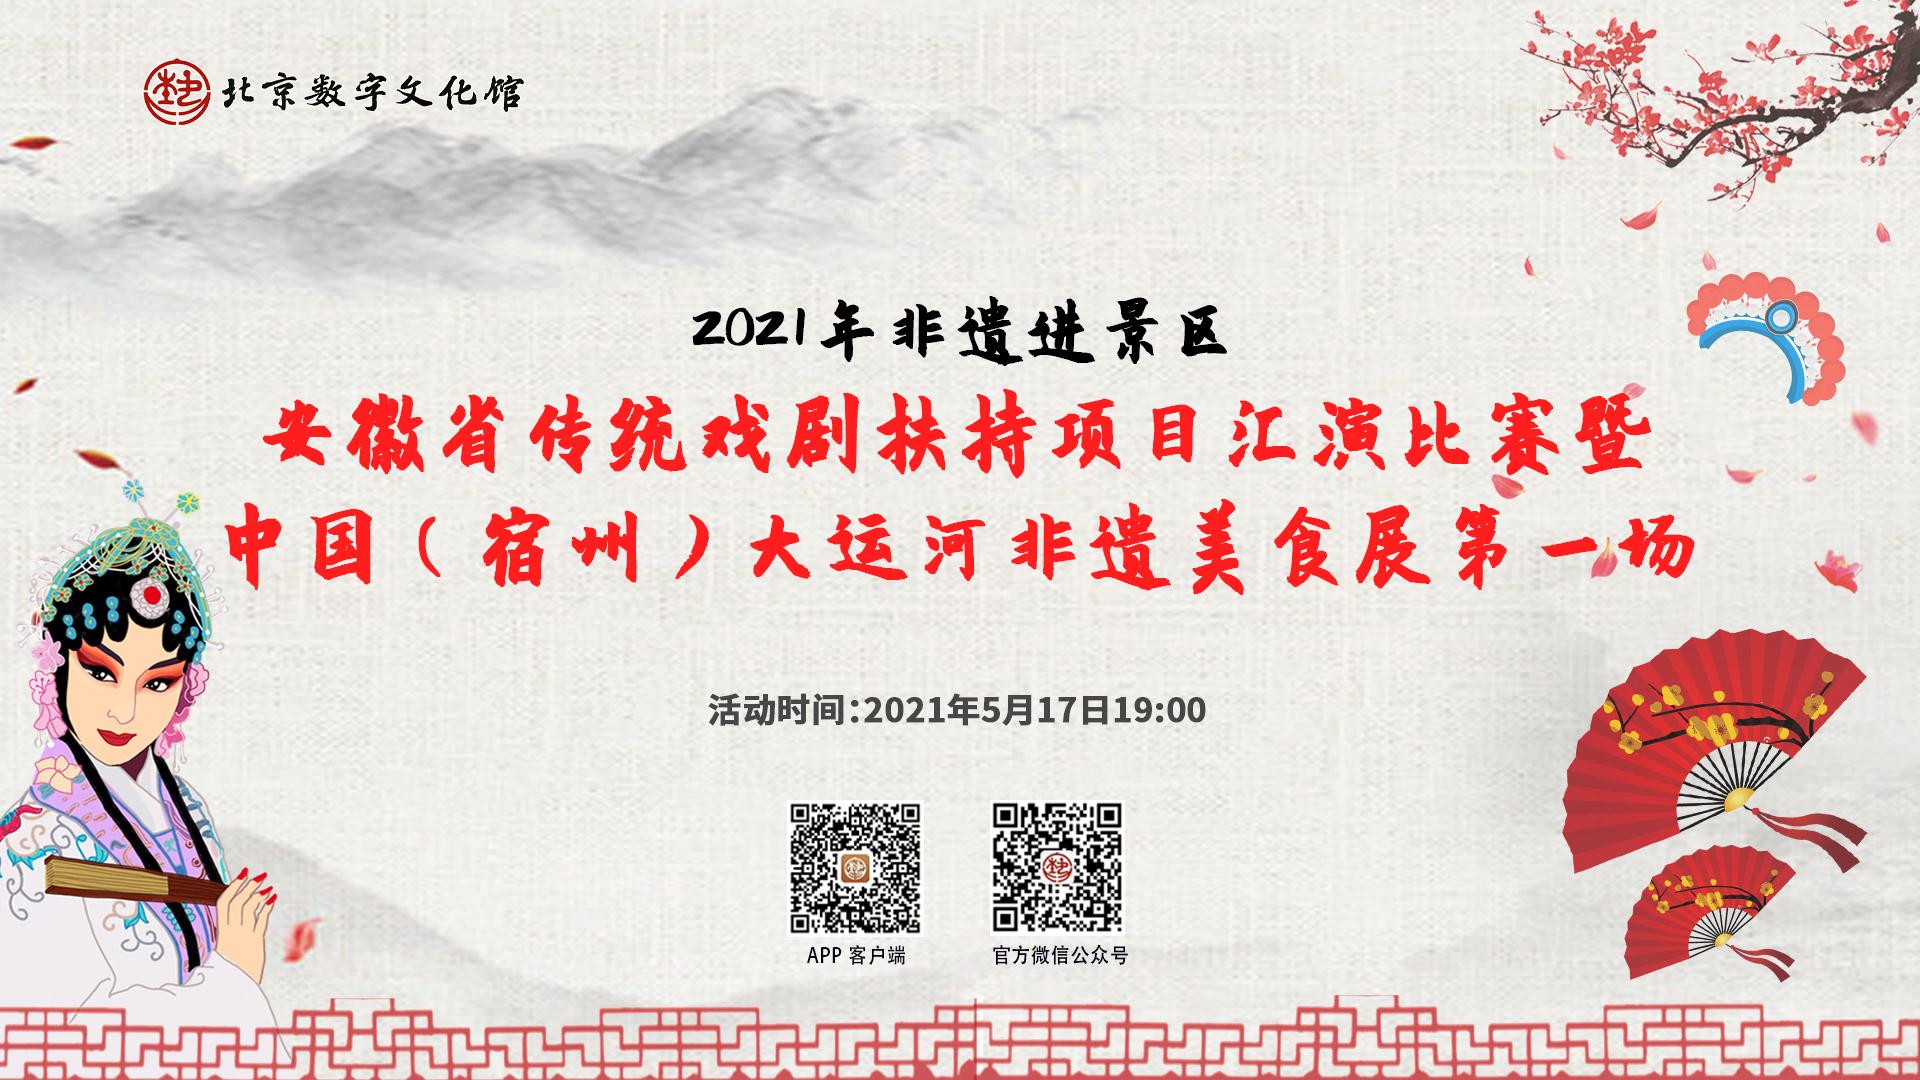 2021年非遺進景區——安徽省傳統戲劇扶持項目彙演比賽暨中國(宿州)大運河非遺美食展第一場